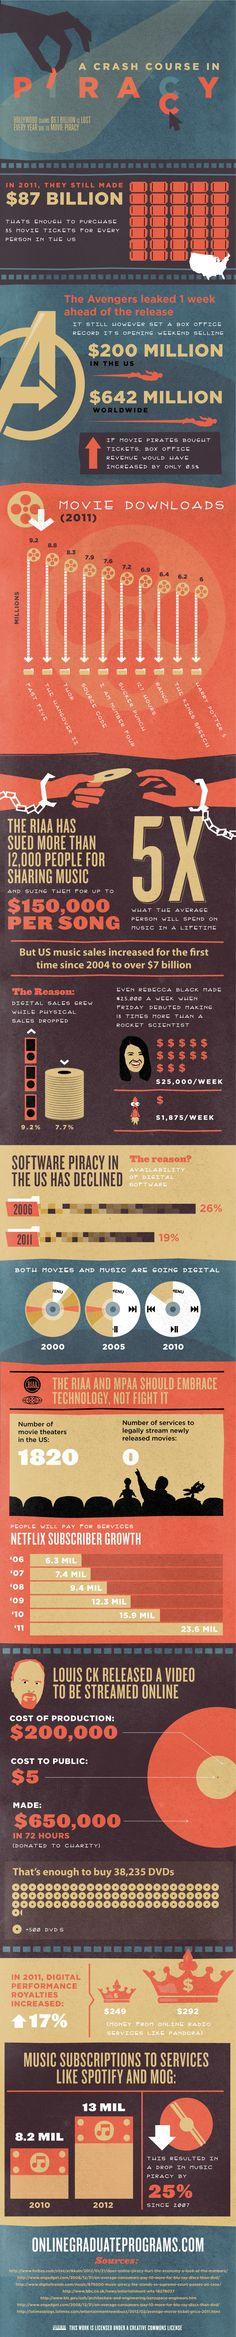 Le piratage et ses conséquences résumés en une infographie